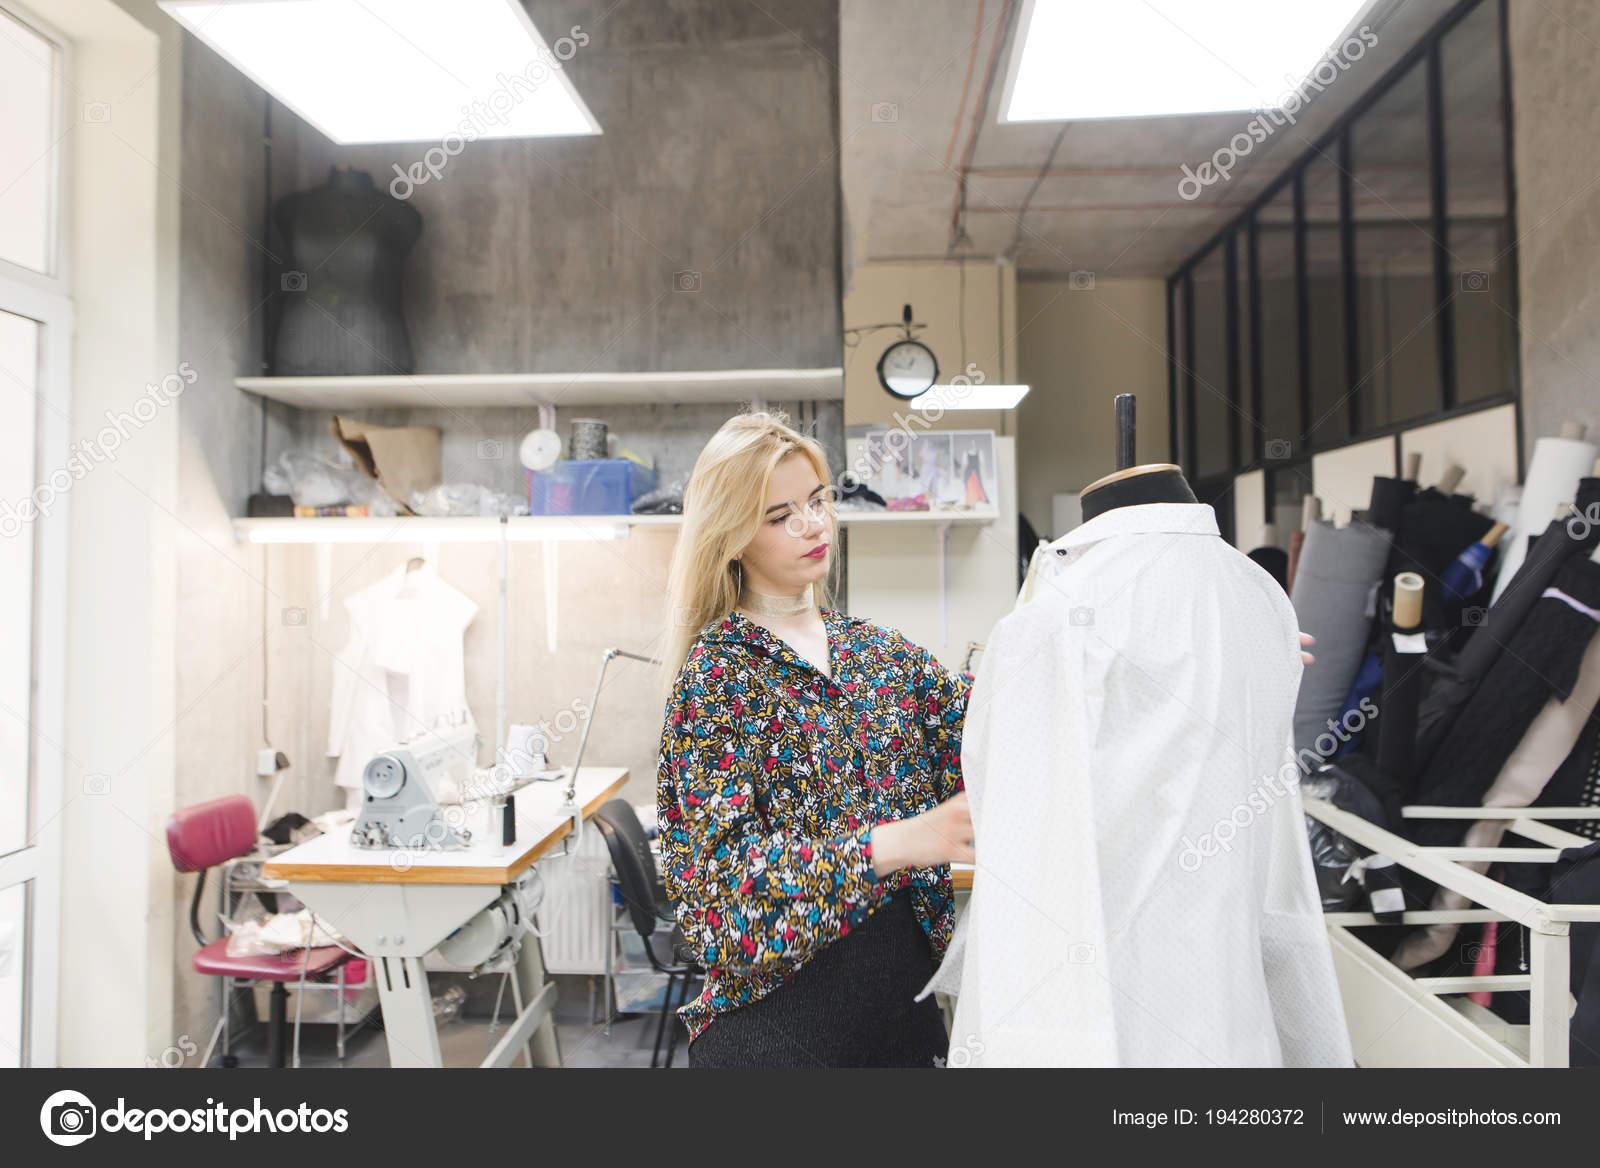 81dca5a27b635 Designer de moda jovem de pé no estúdio e experimentando roupas em um  manequim. Criação de roupas de moda. O designer cria roupas elegantes —  Foto de ...